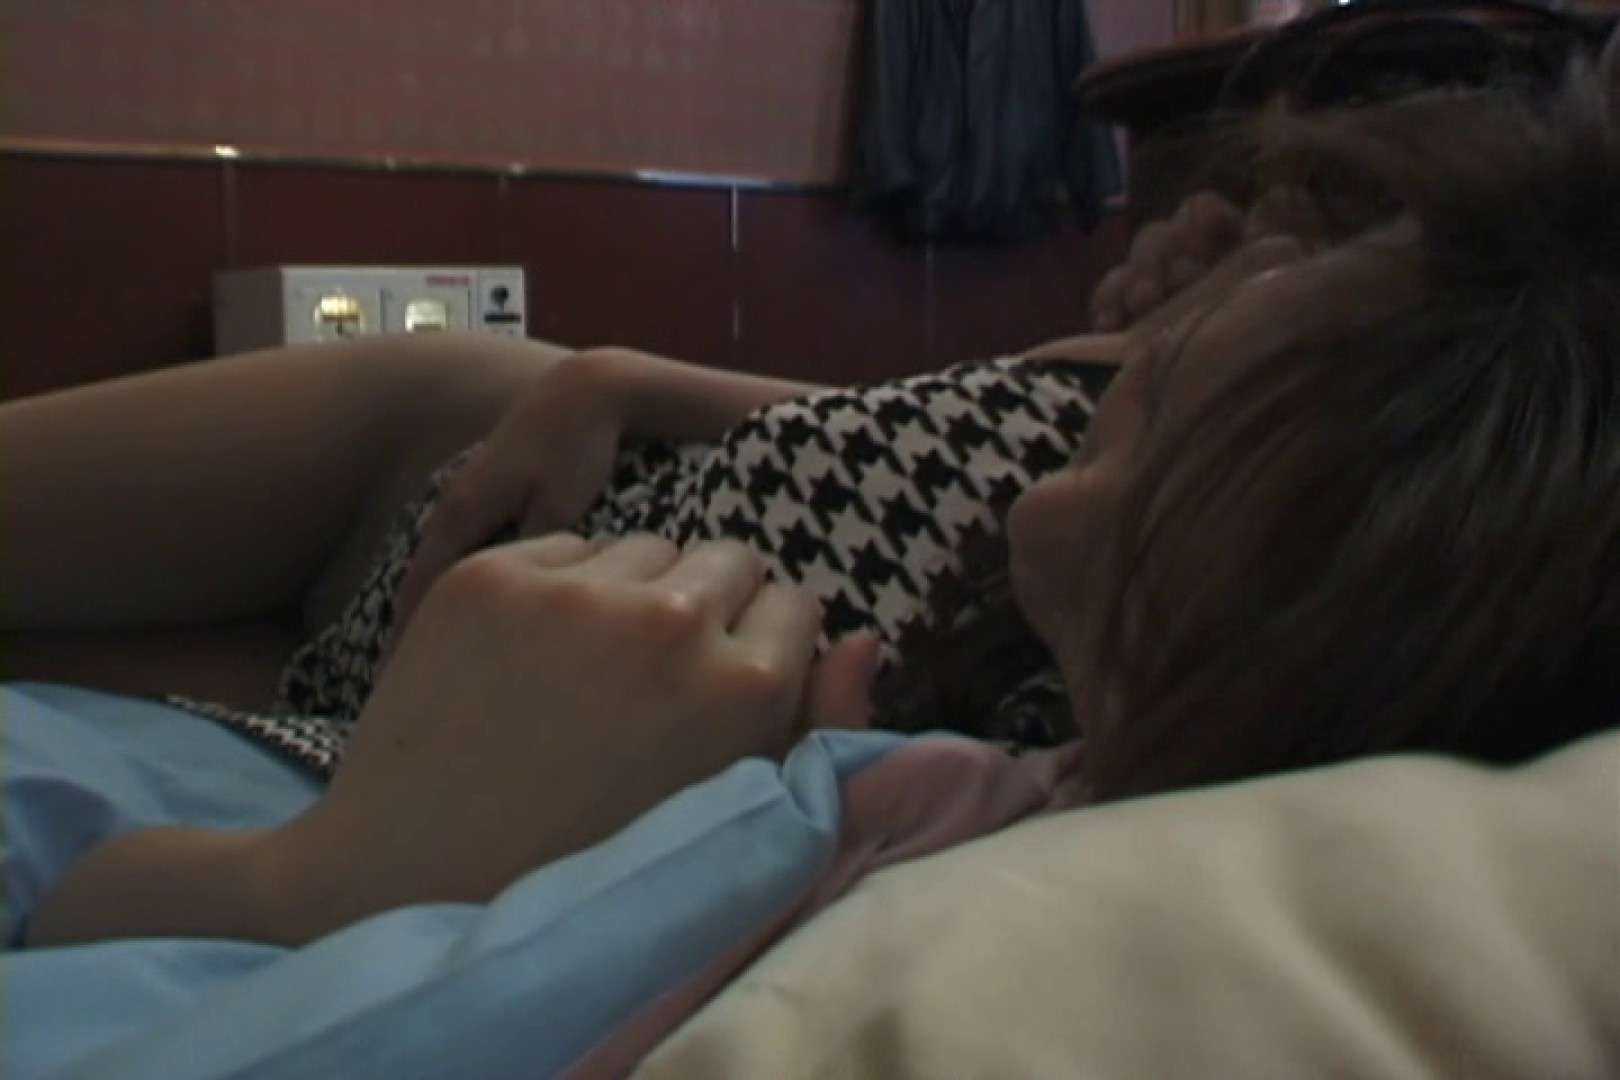 旦那との愛よりも、愛人とのSEX~片瀬梨子~vol,1 エッチなOL スケベ動画紹介 72pic 37